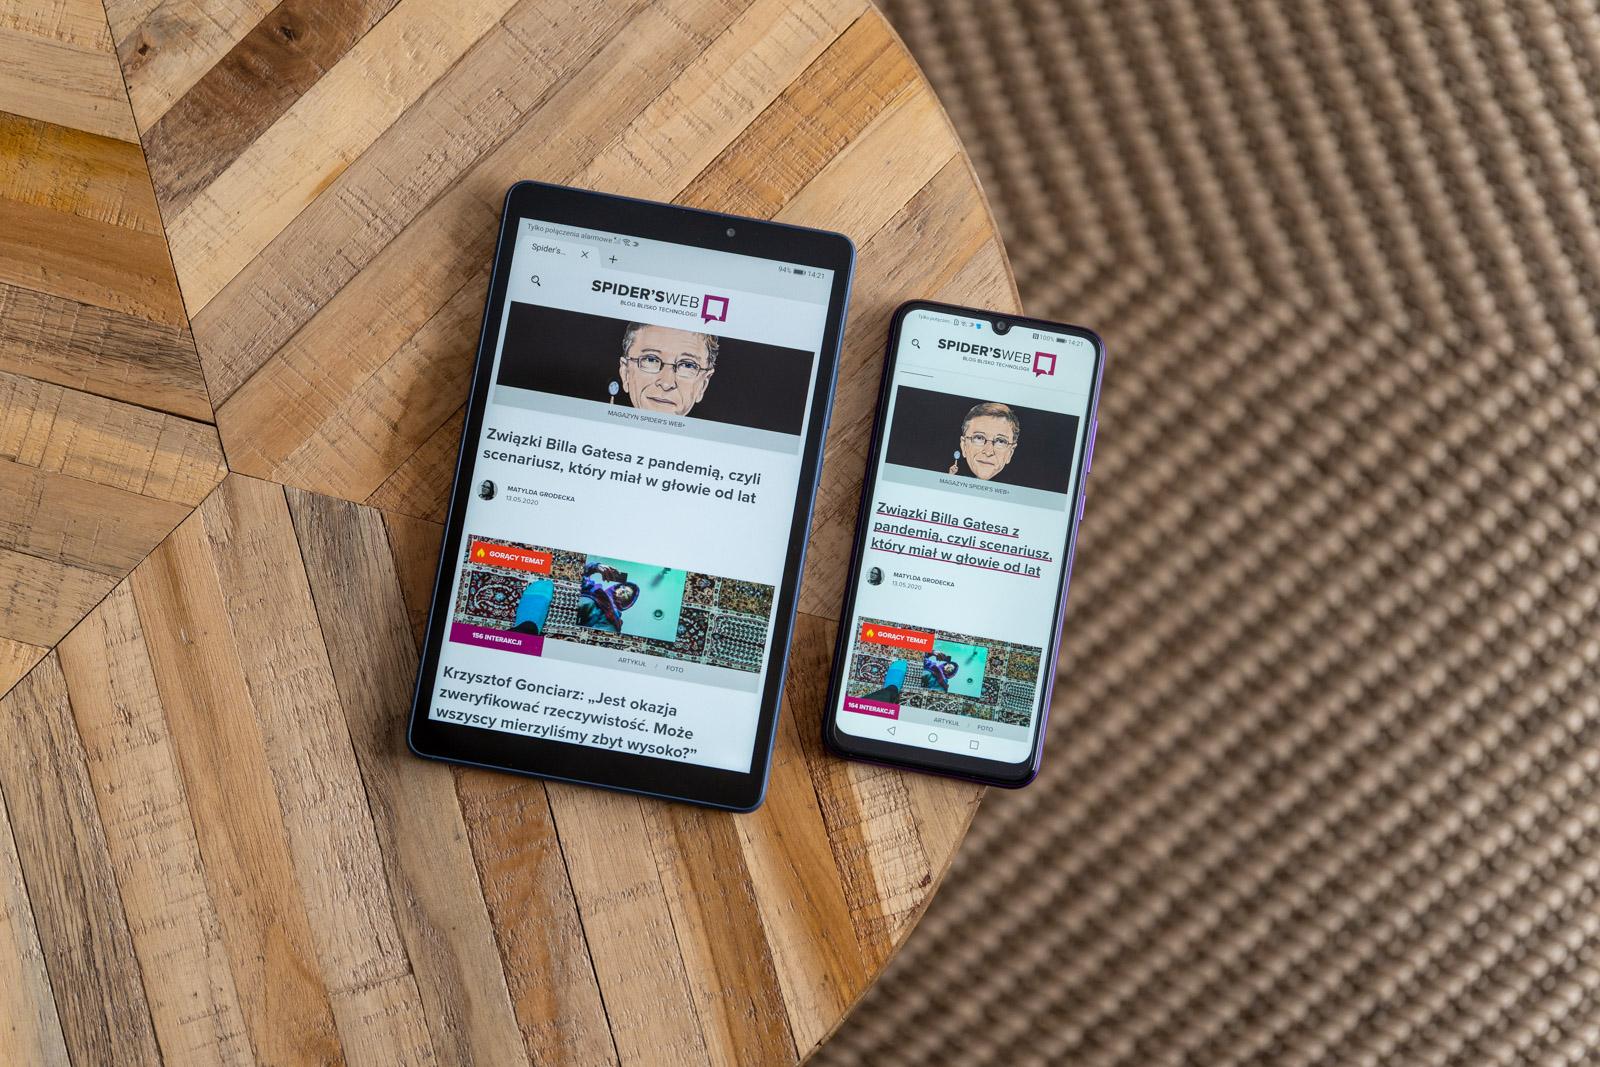 Huaweia-ren eskaintza berri onak dituzten smartphone eta tablet merkeak dira oparitu beharrekoak